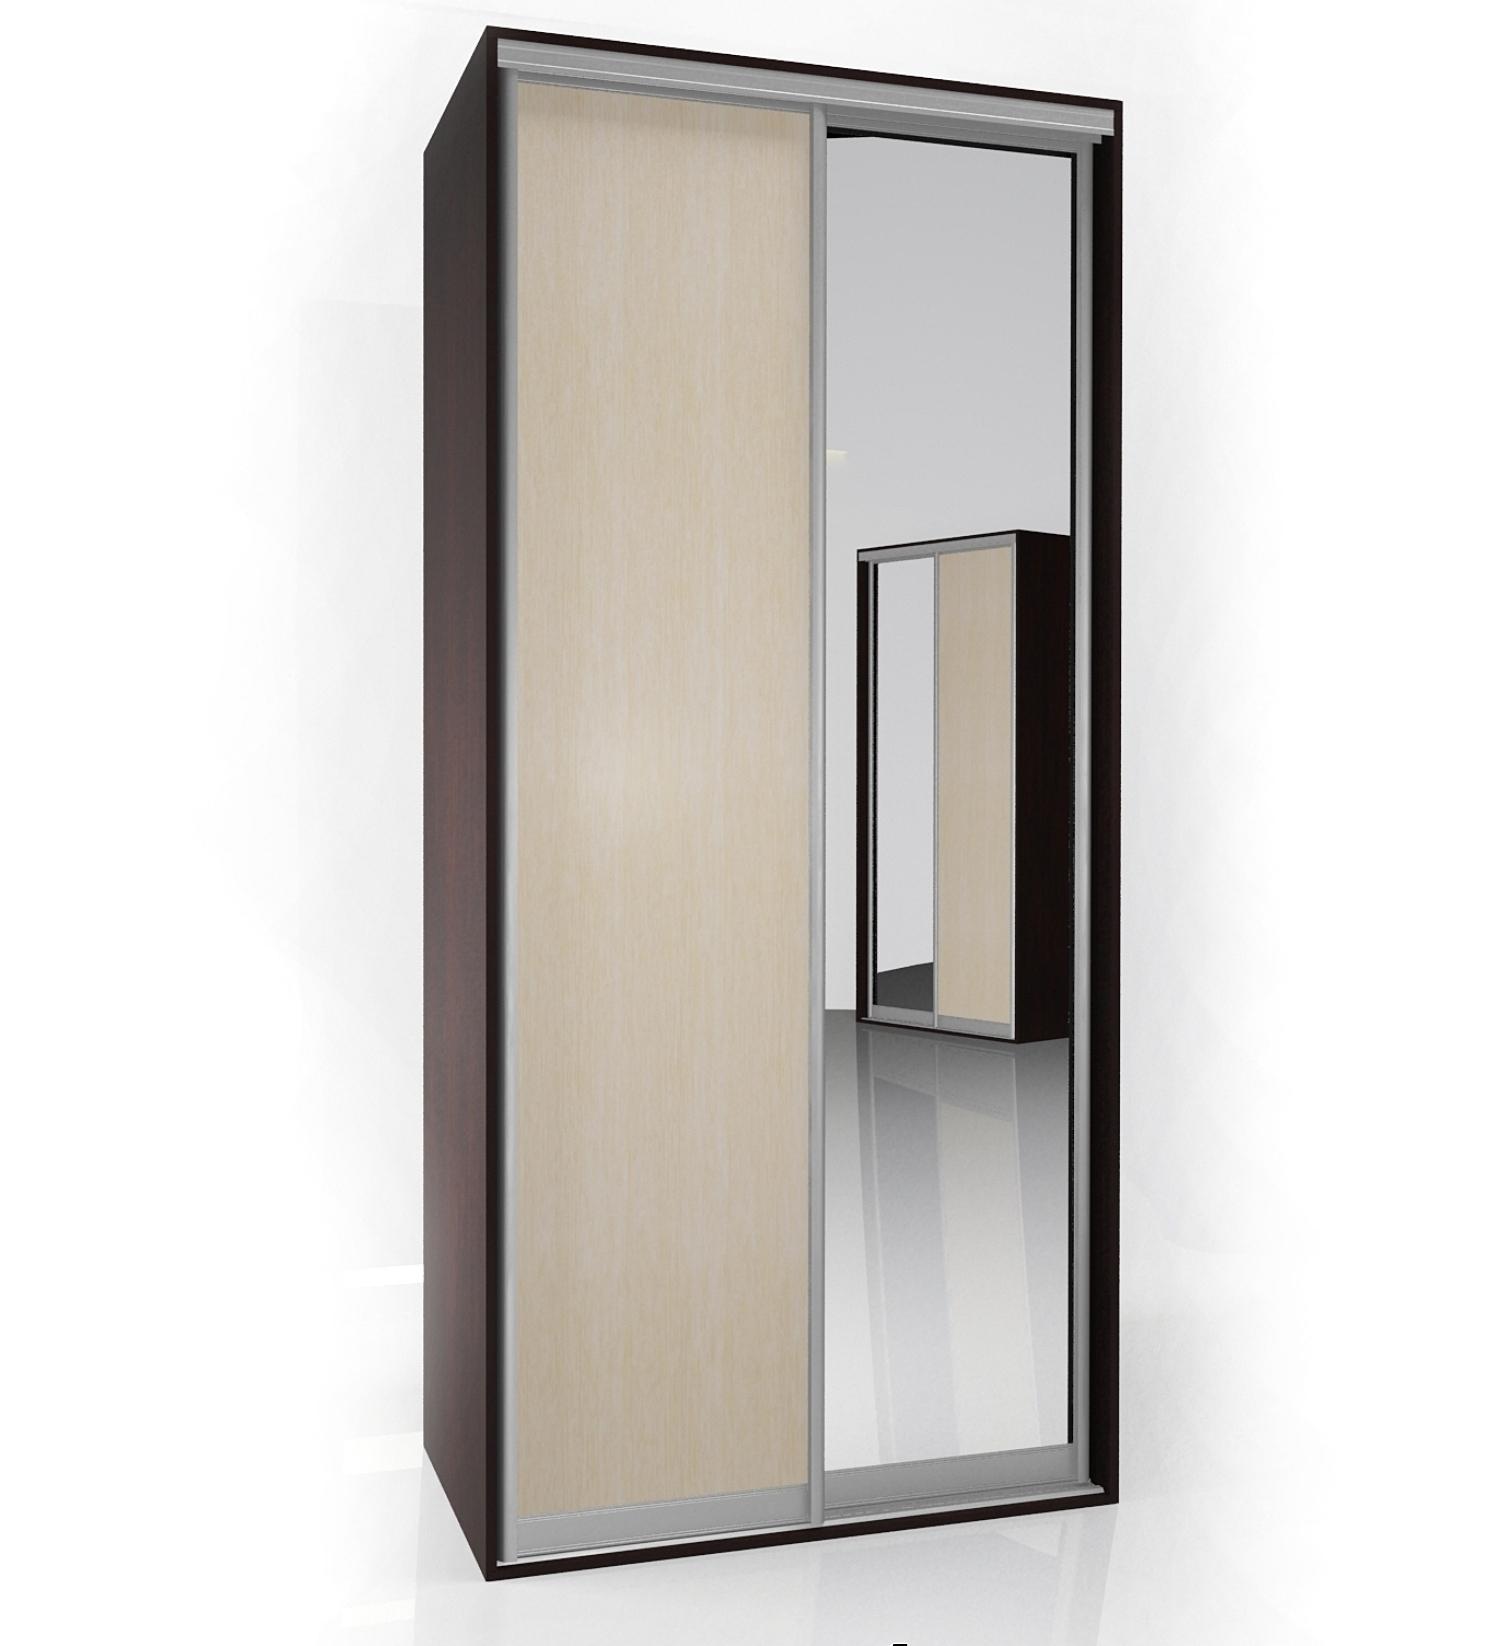 Шкаф-купе Мебелайн-1 шкаф купе мебелайн 1